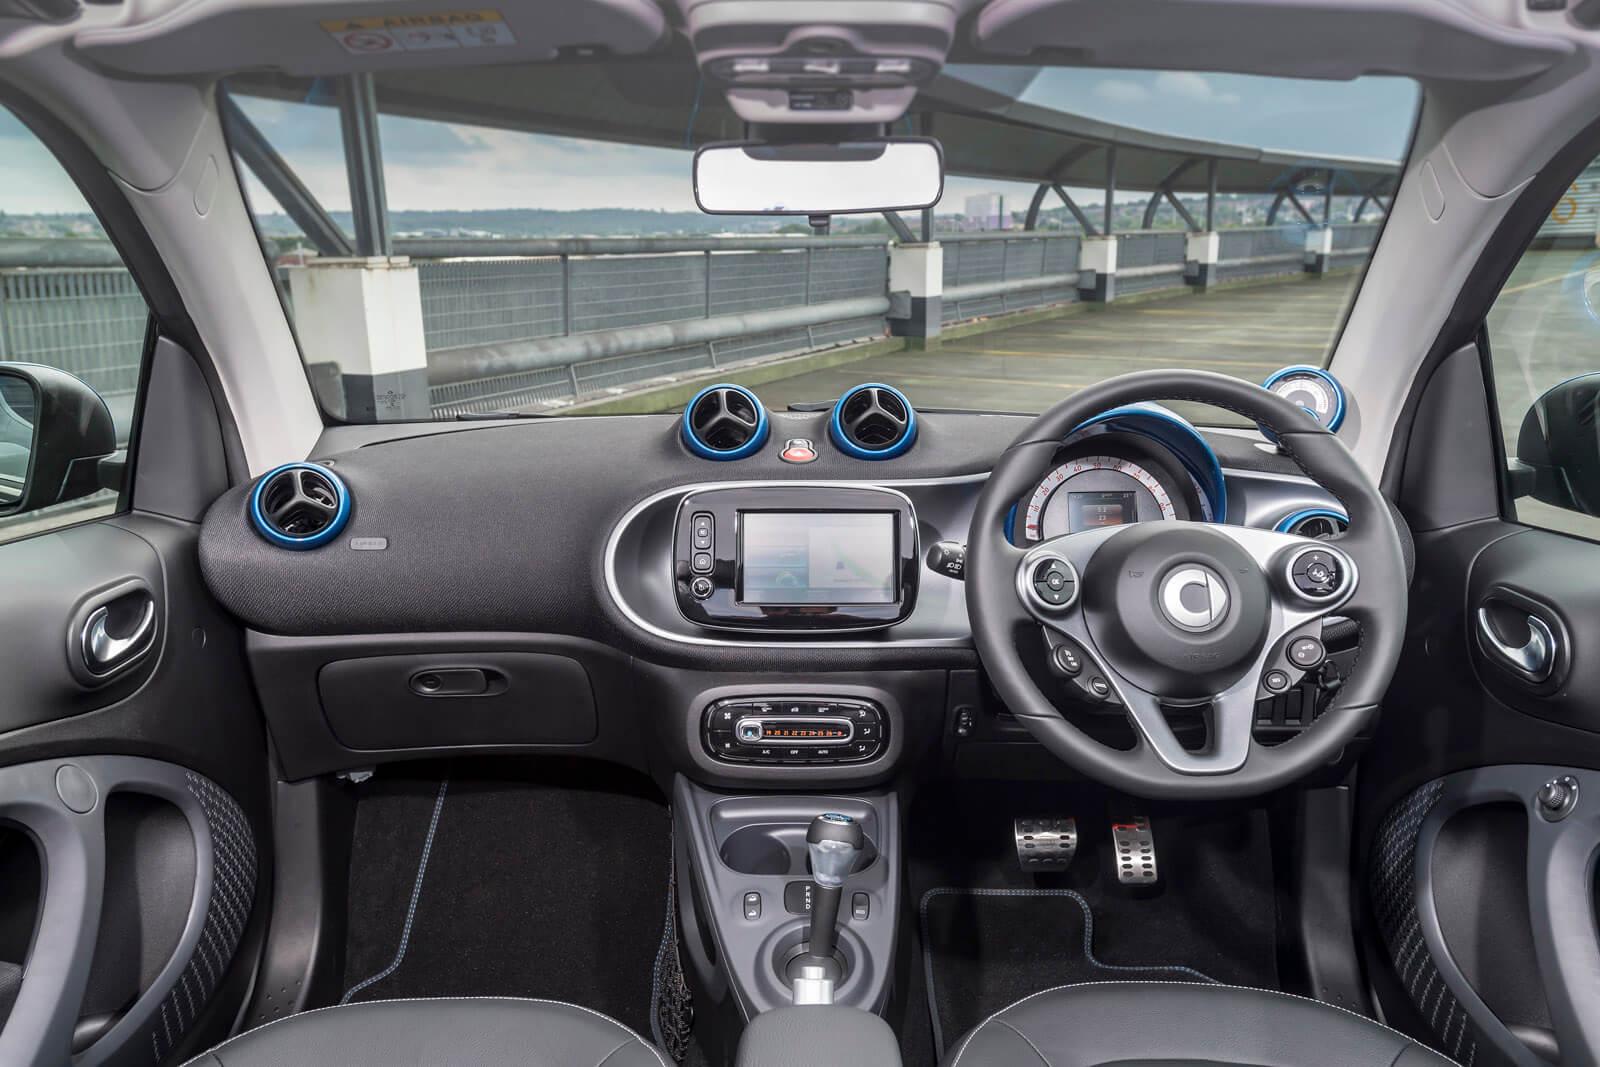 Smart EQ fortwo Cabrio Interior Front